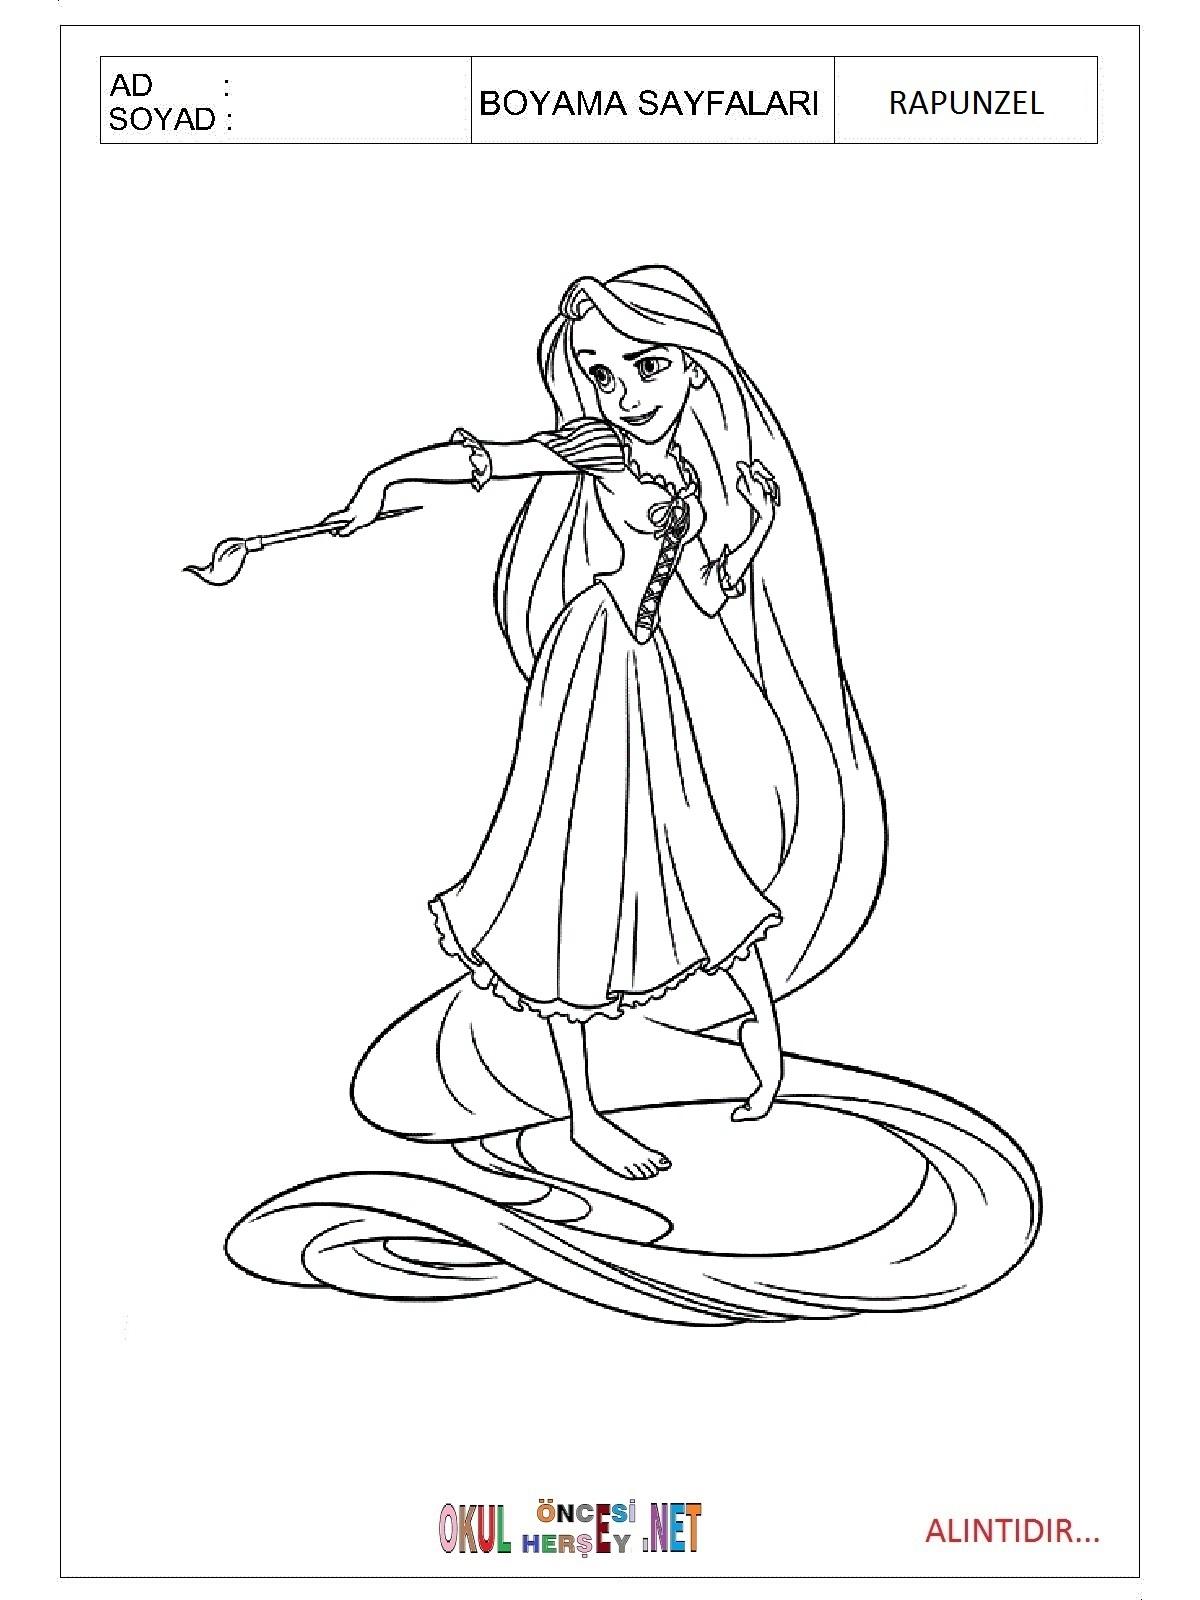 Rapunzel Boyama Sayfalari